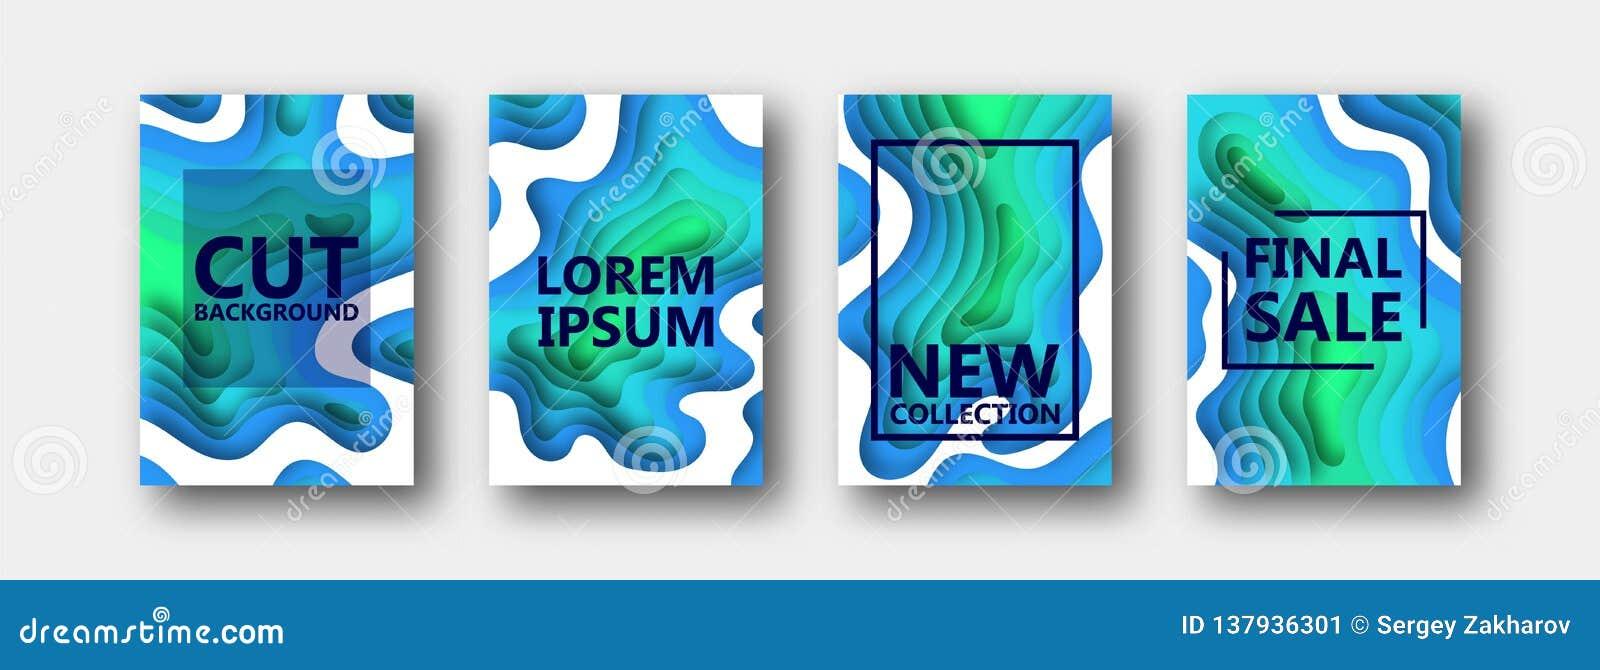 Um grupo de quatro opções para bandeiras, insetos, folhetos, cartões, cartazes para seu projeto, em tons azul esverdeado